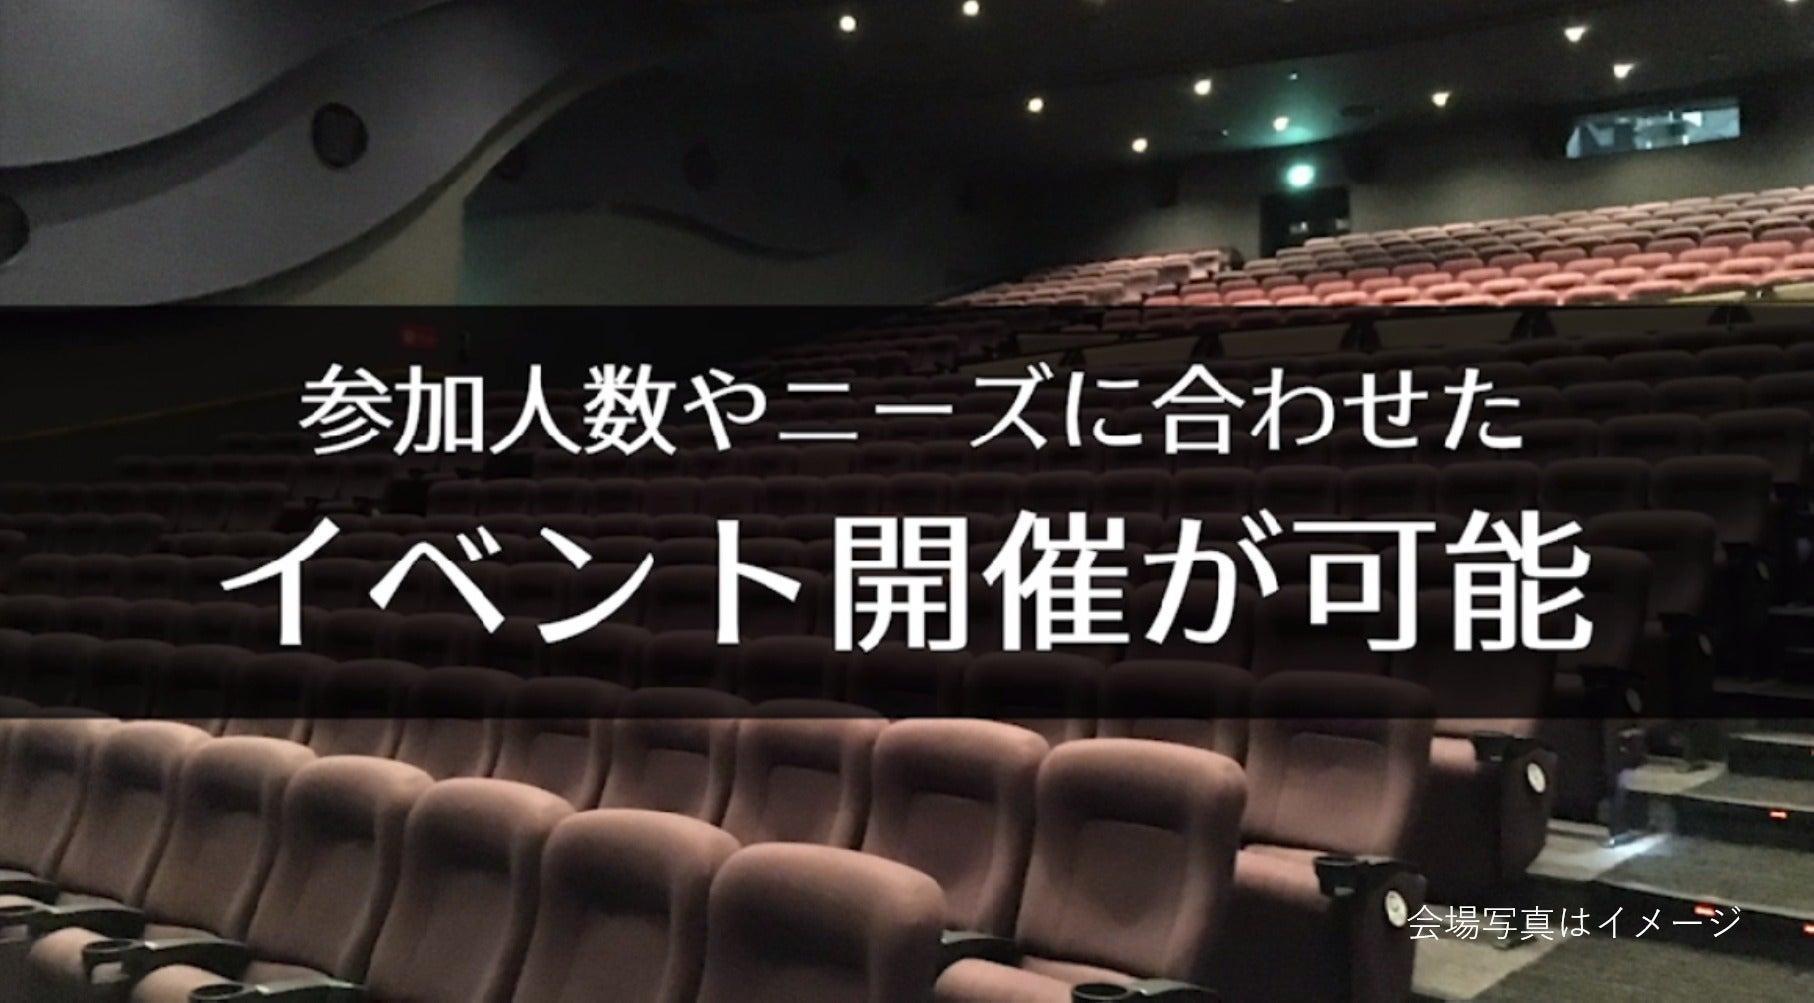 【長崎 119席】映画館で、会社説明会、株主総会、講演会の企画はいかがですか?